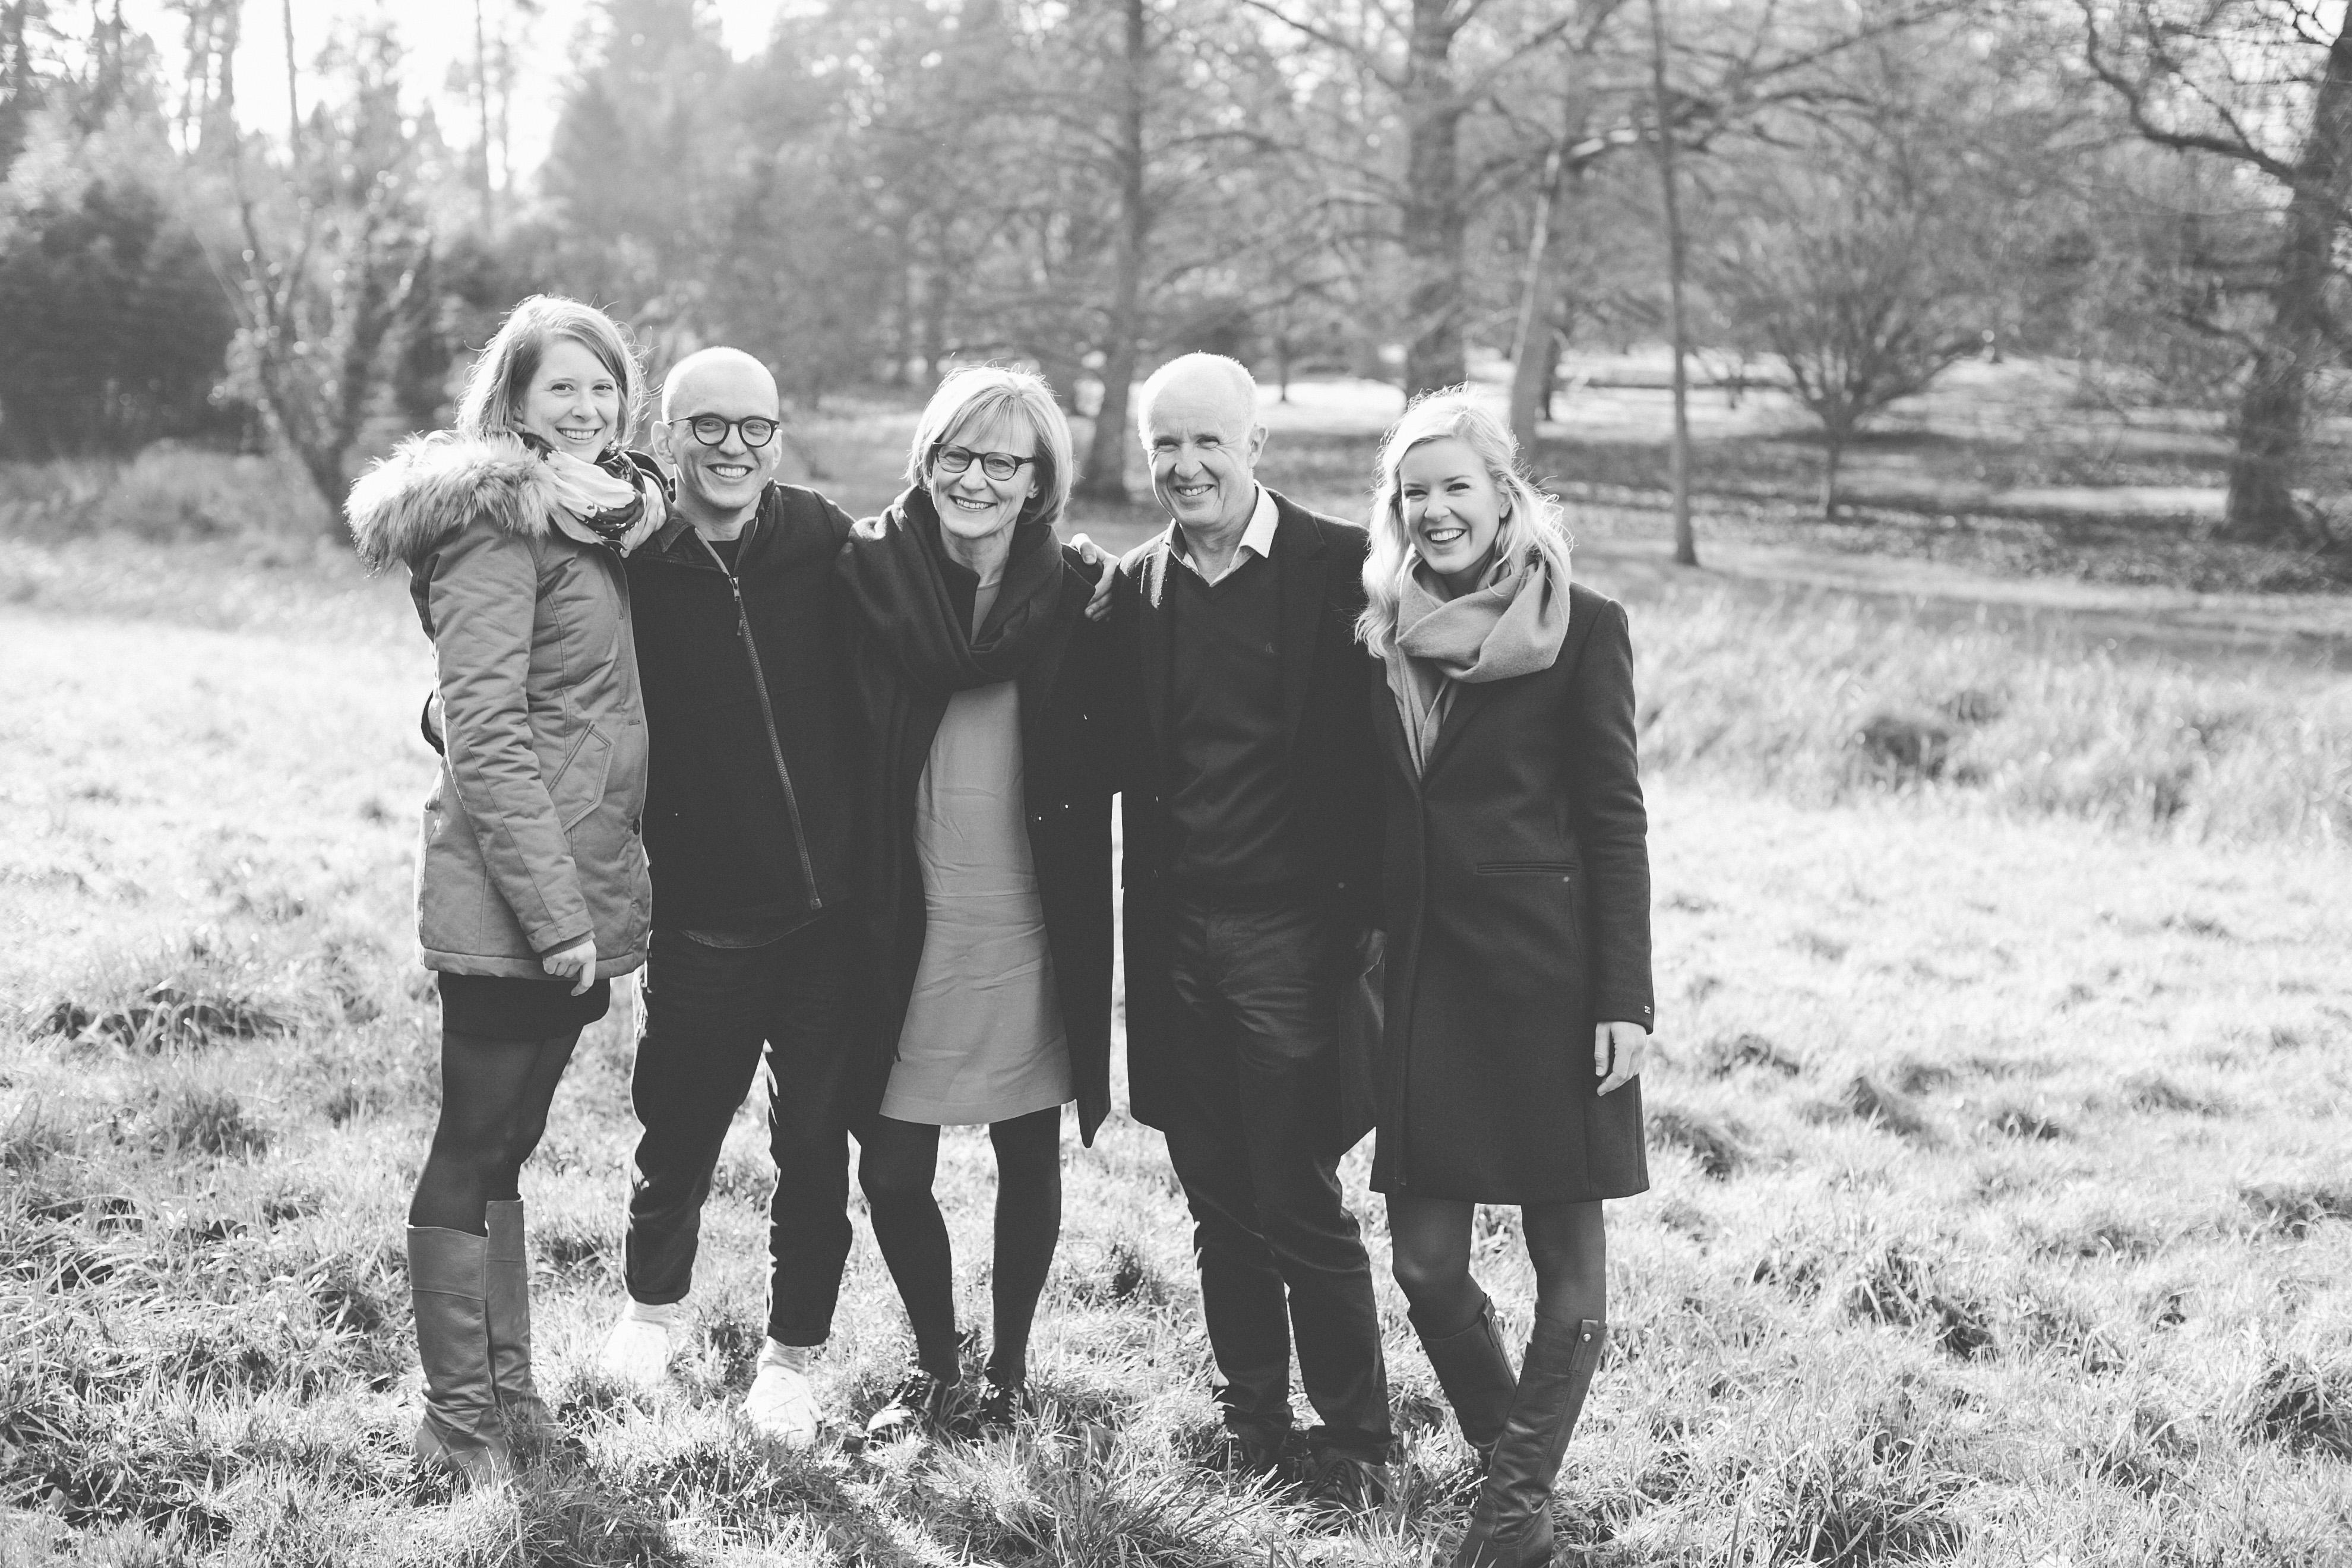 FAMILIE DENTURCK-1285